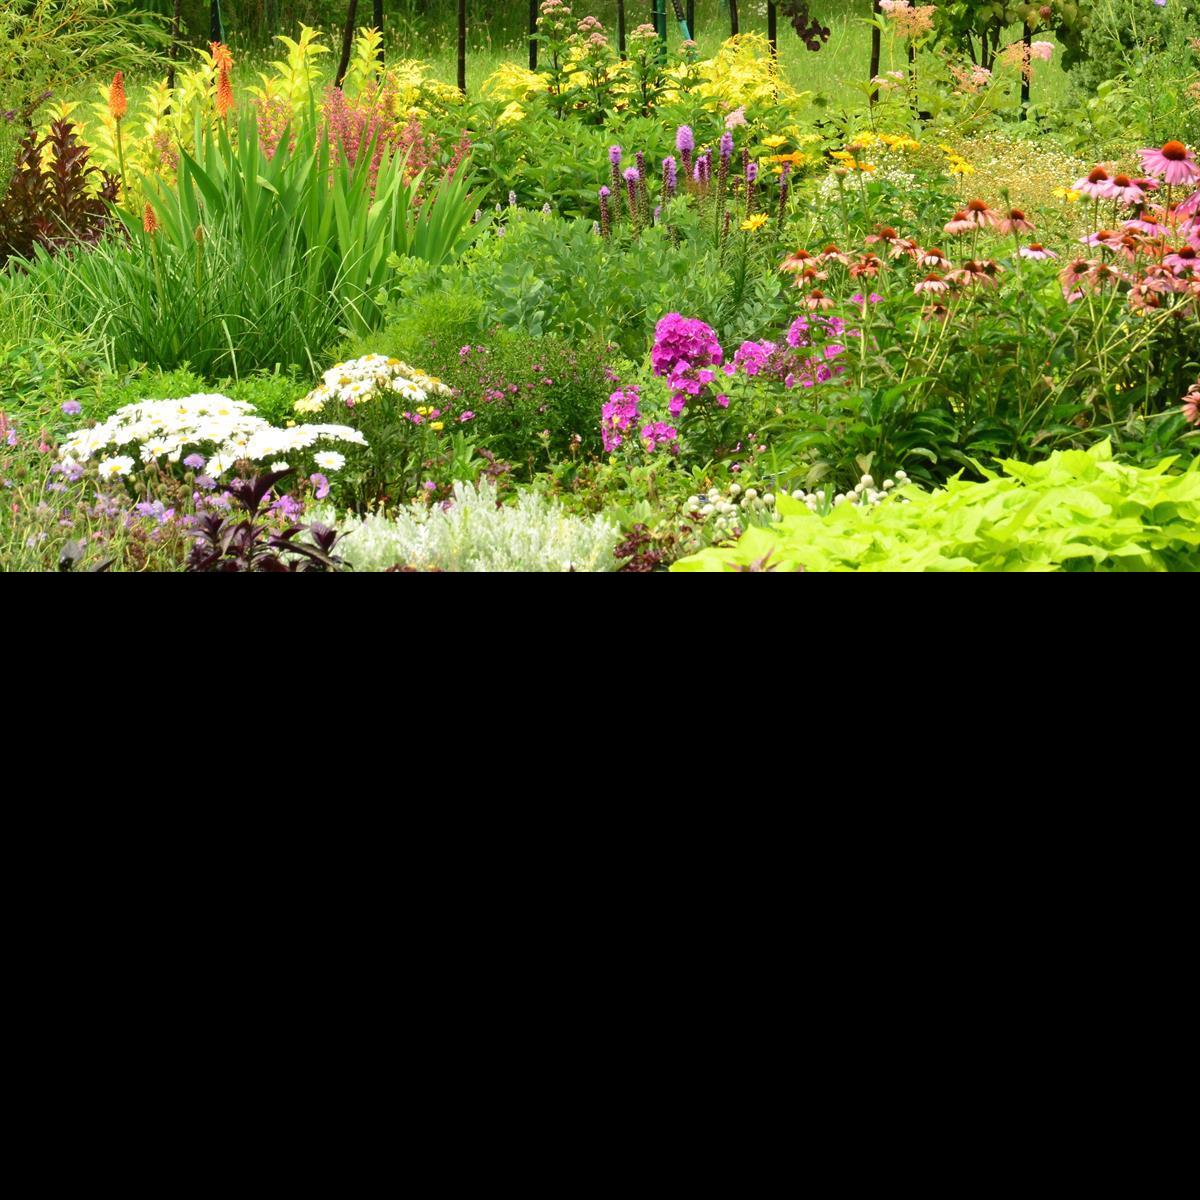 floral flowers bushes Pharo Garden Centre Bethlehem pa